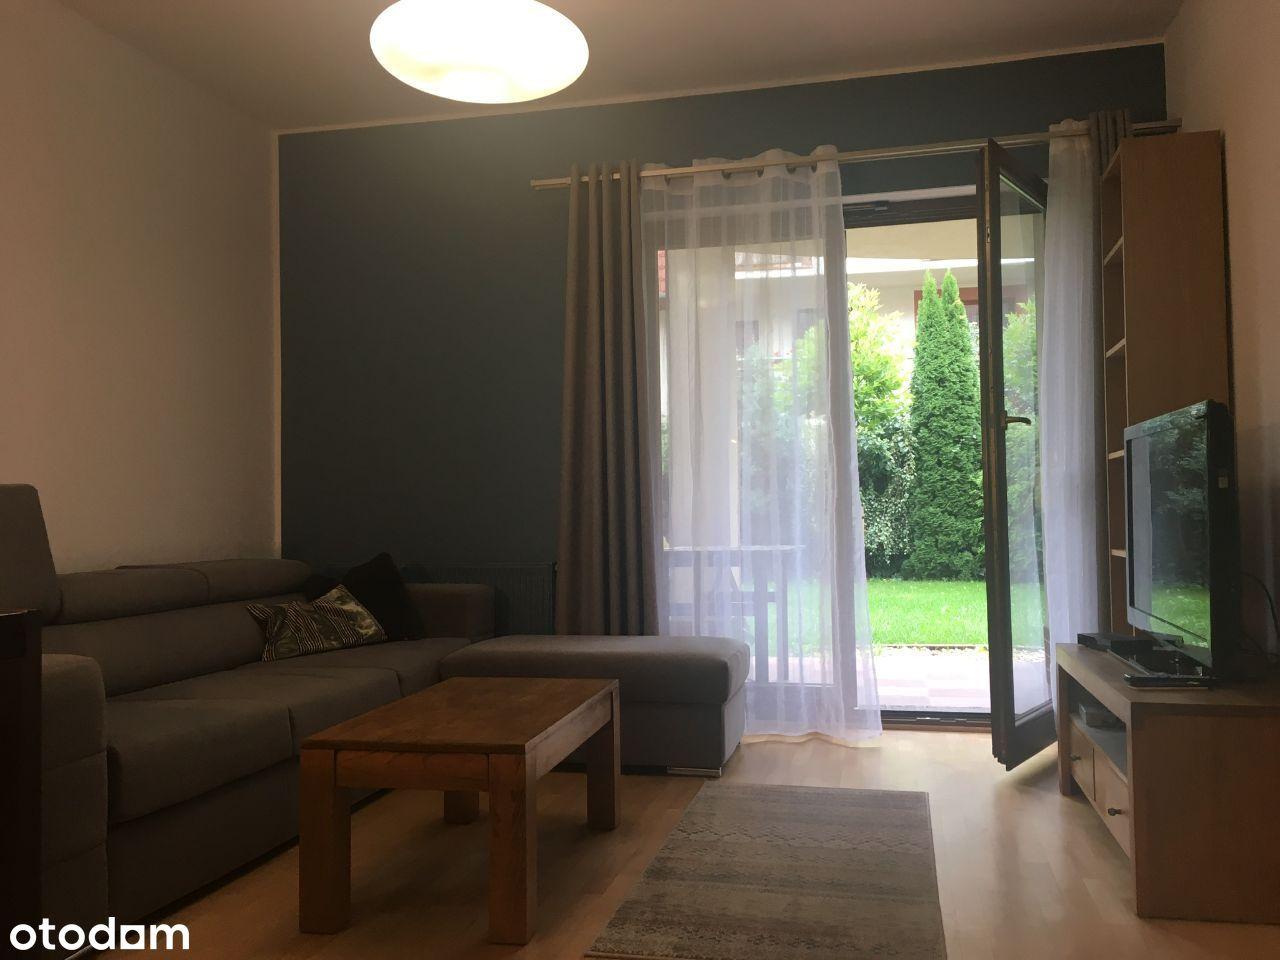 mieszkanie 3 pokoje + ogródek, Wysoka ul. Brzozowa